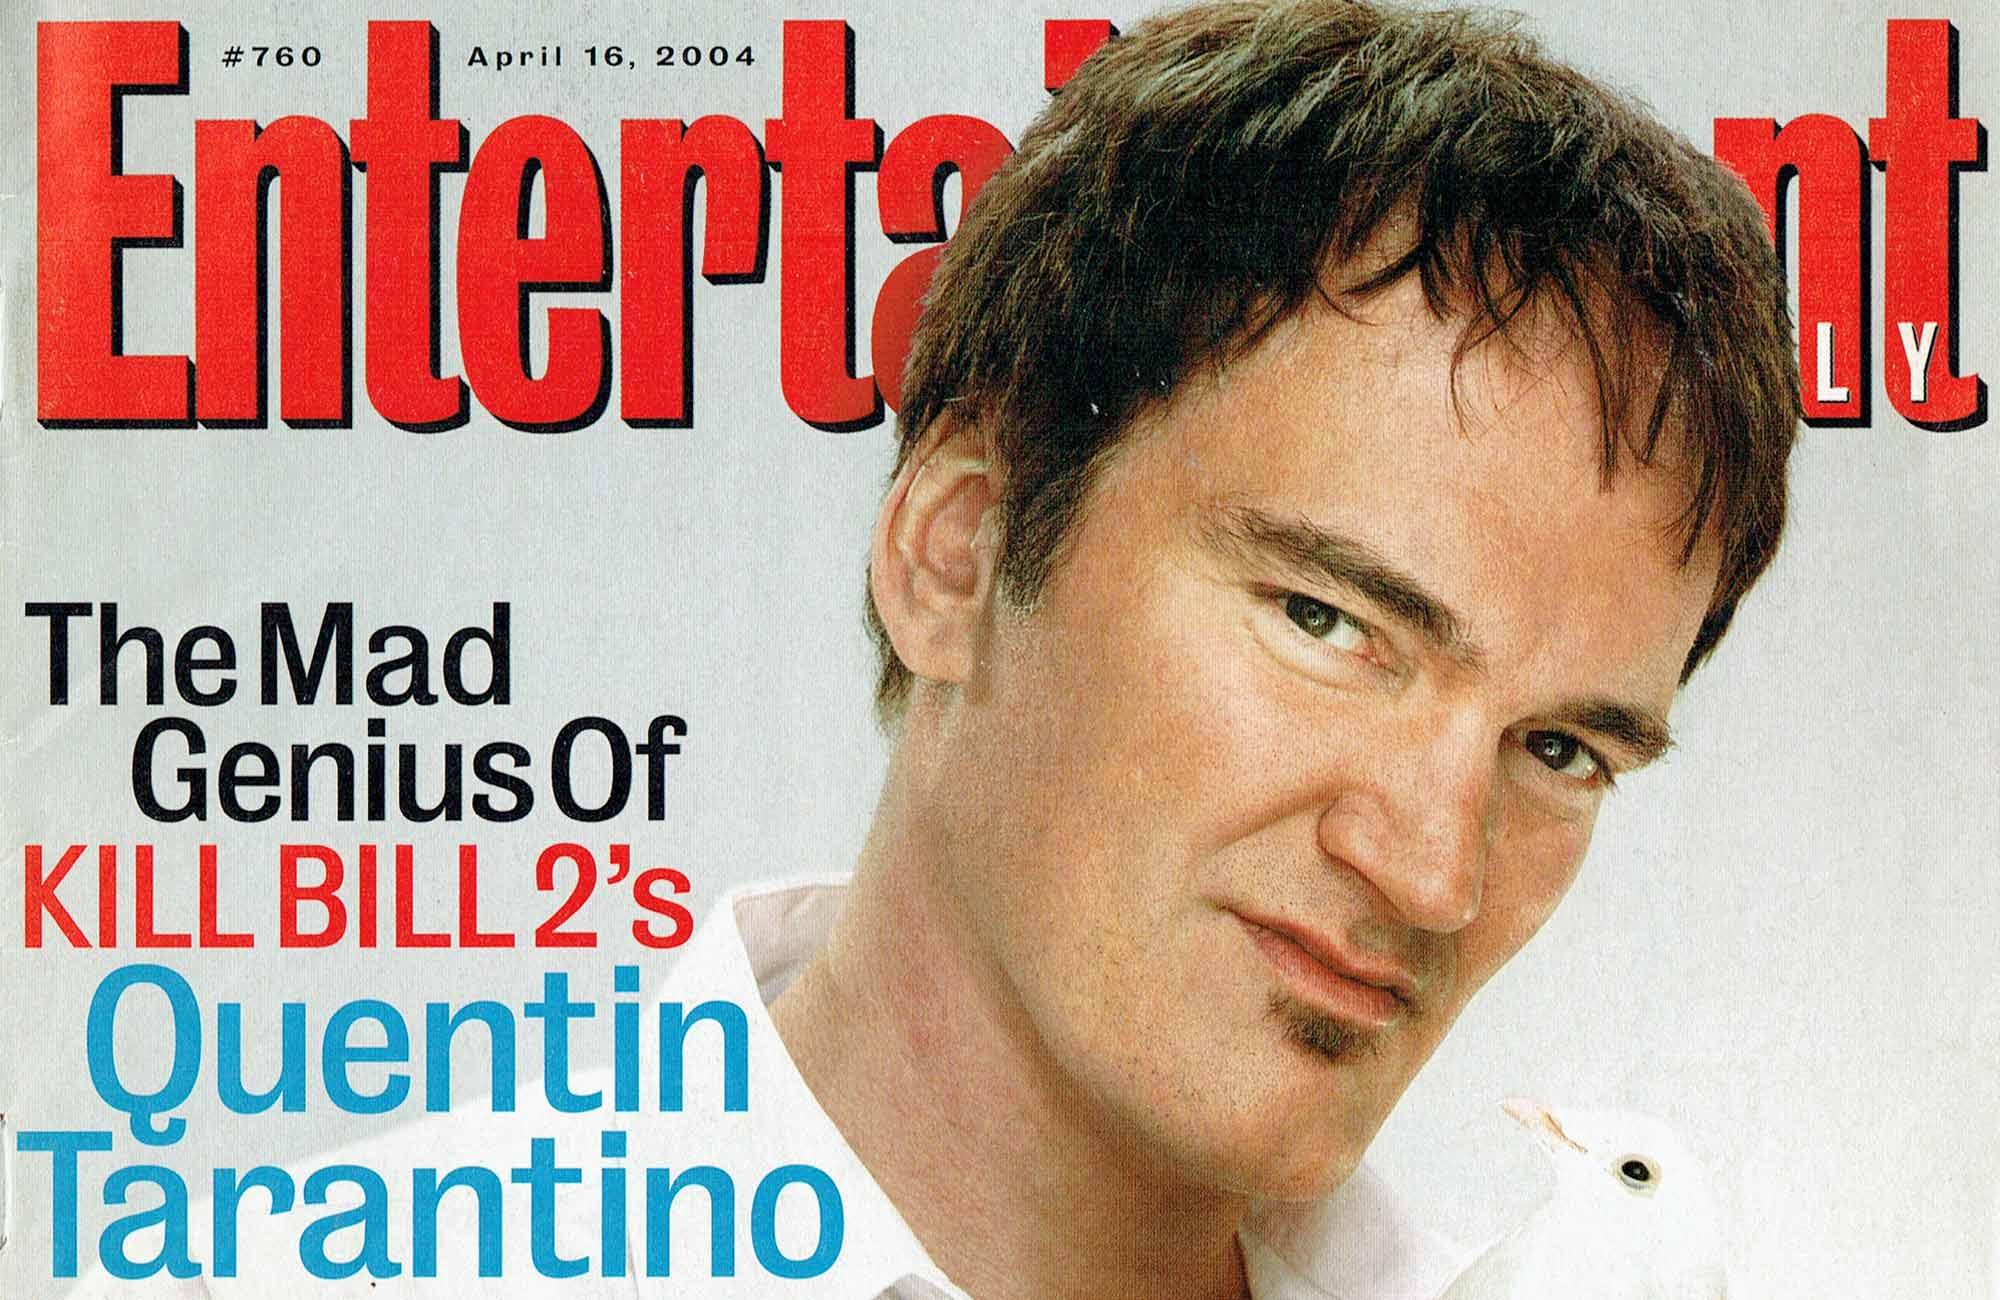 The Mad Genius of Quentin Tarantino